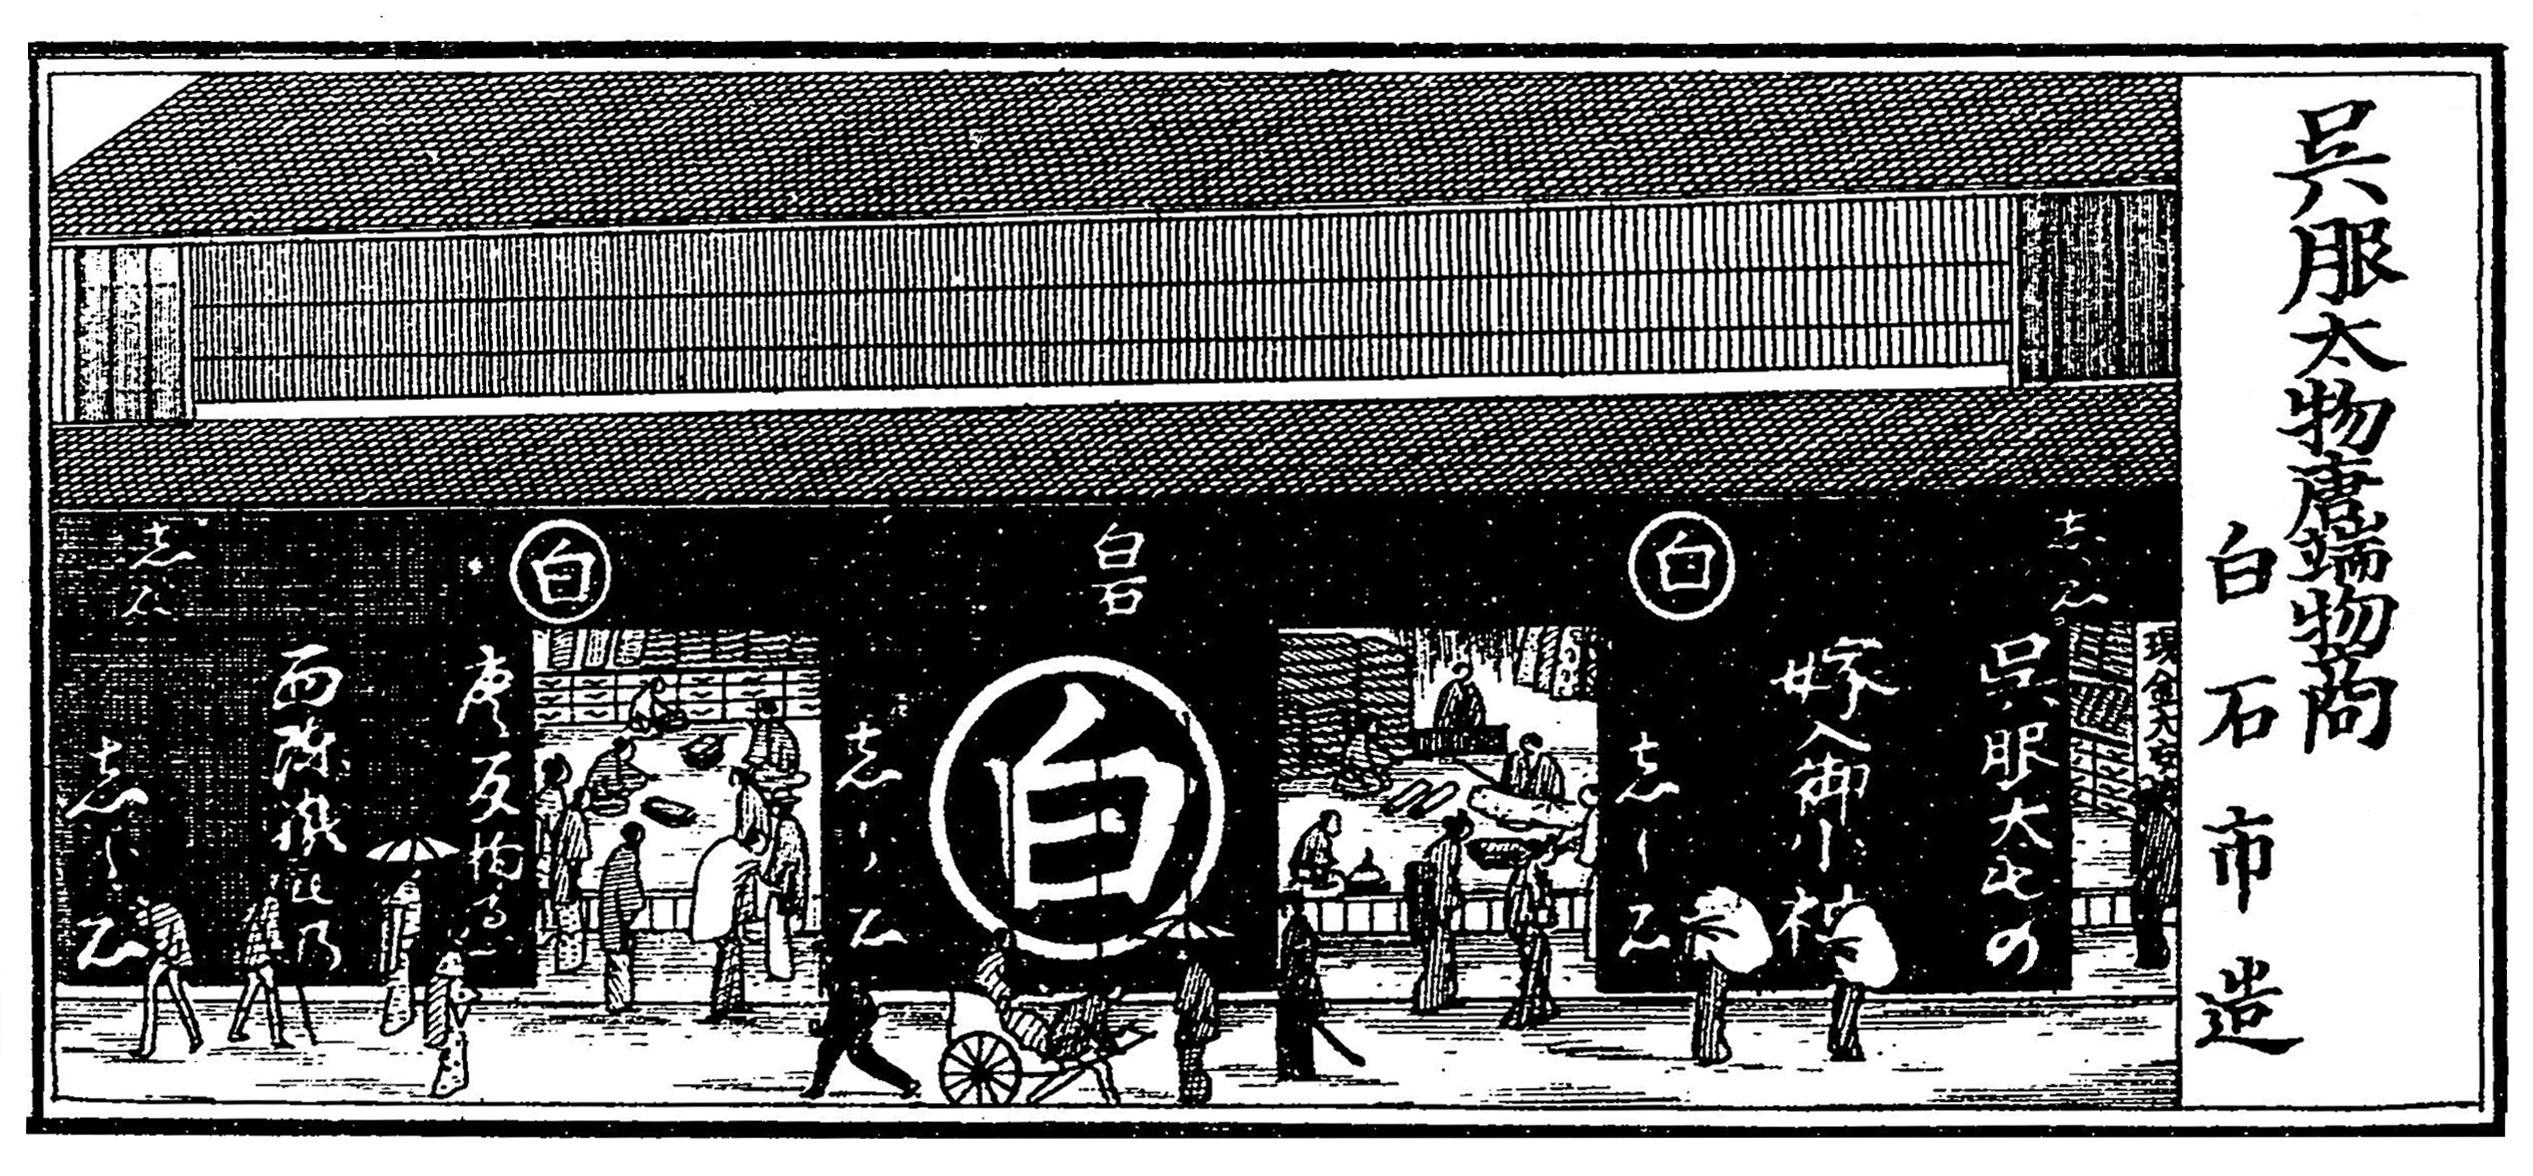 明和2年(1765年)老舗呉服店白石呉服店イメージ